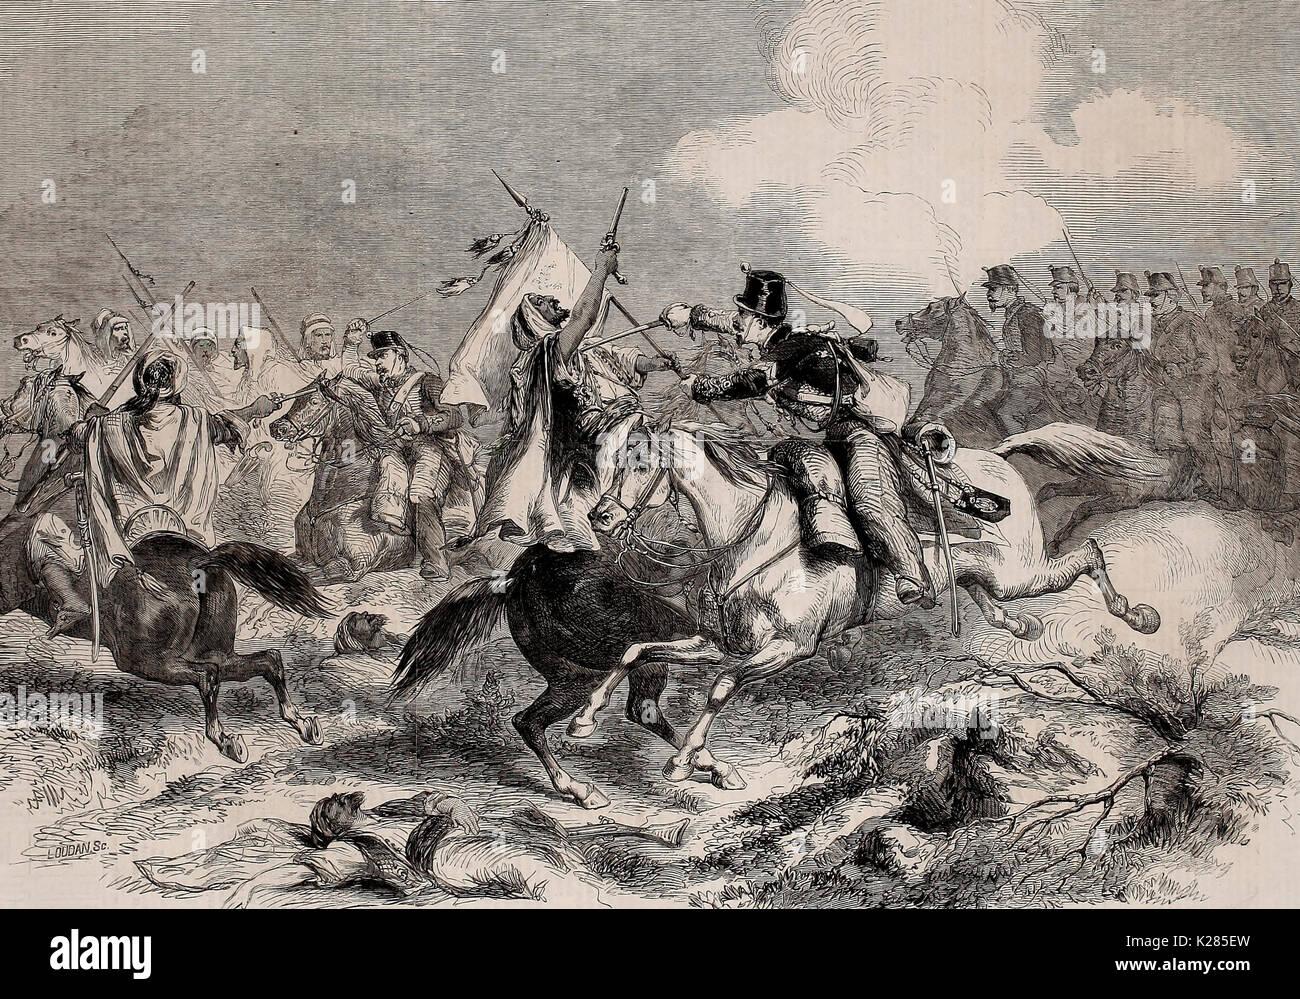 Krieg in Marokko - Konflikt zwischen maurischen und spanischen Kavallerie am 1. Januar 1860 Stockbild